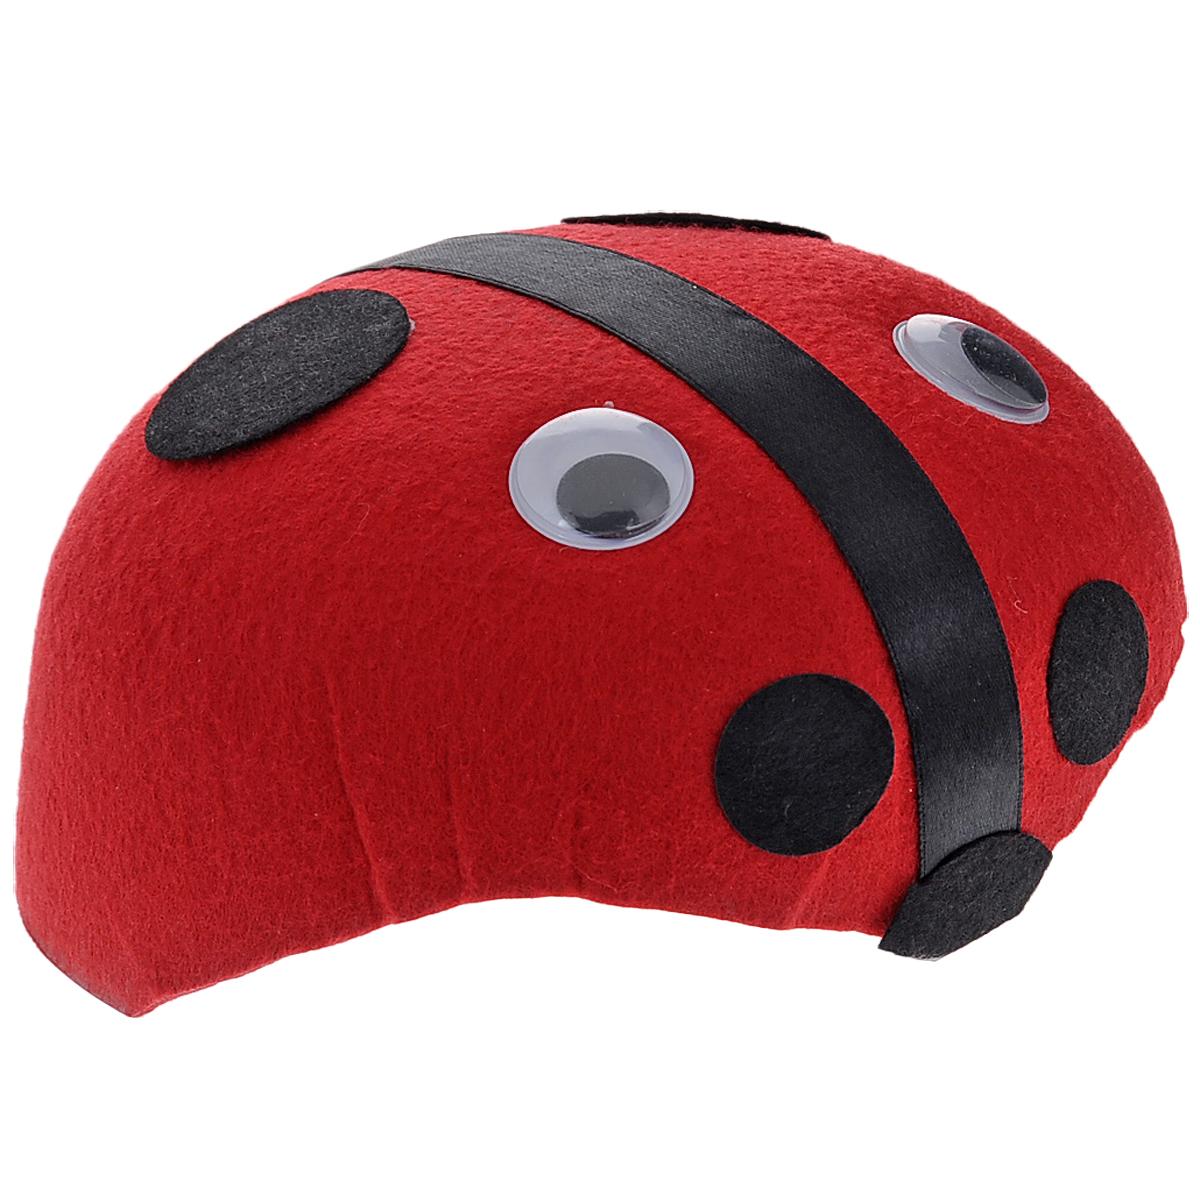 Маскарадная шляпа Божья коровка, цвет: красный, 53 см. 3131431314Маскарадная шляпа Божья коровка, выполненная из фетра, изготовлена в виде жучка с глазками. У вас намечается веселая вечеринка или маскарад? Маскарадная шляпа внесет нотку задора и веселья в праздник и станет завершающим штрихом в создании праздничного образа. Веселое настроение и масса положительных эмоций вам будут обеспечены! Материал: фетр. Обхват головы: 53 см. Размер шляпы: 17 см х 15,5 см х 7,5 см.